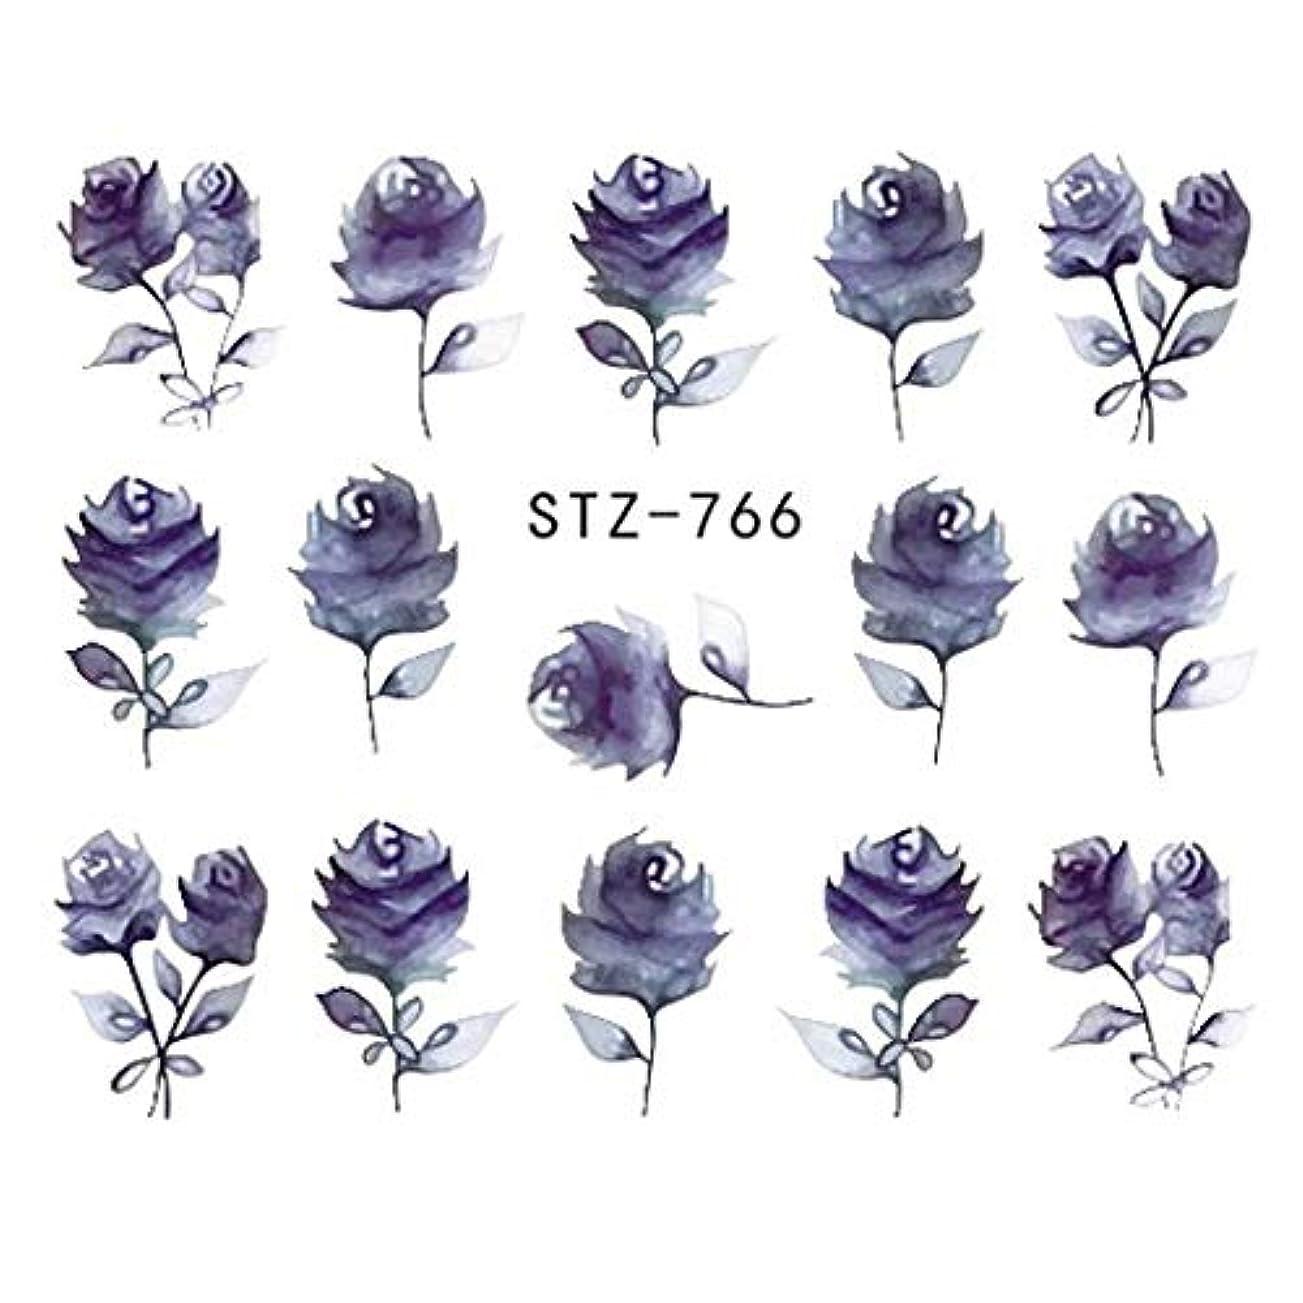 上げる国安定しましたSUKTI&XIAO ネイルステッカー 完全な美1シートの宝石類の釘のステッカーの黒い花のステッカーのマニキュアの水移動のスライダーホイルの設計装飾、Stz-766